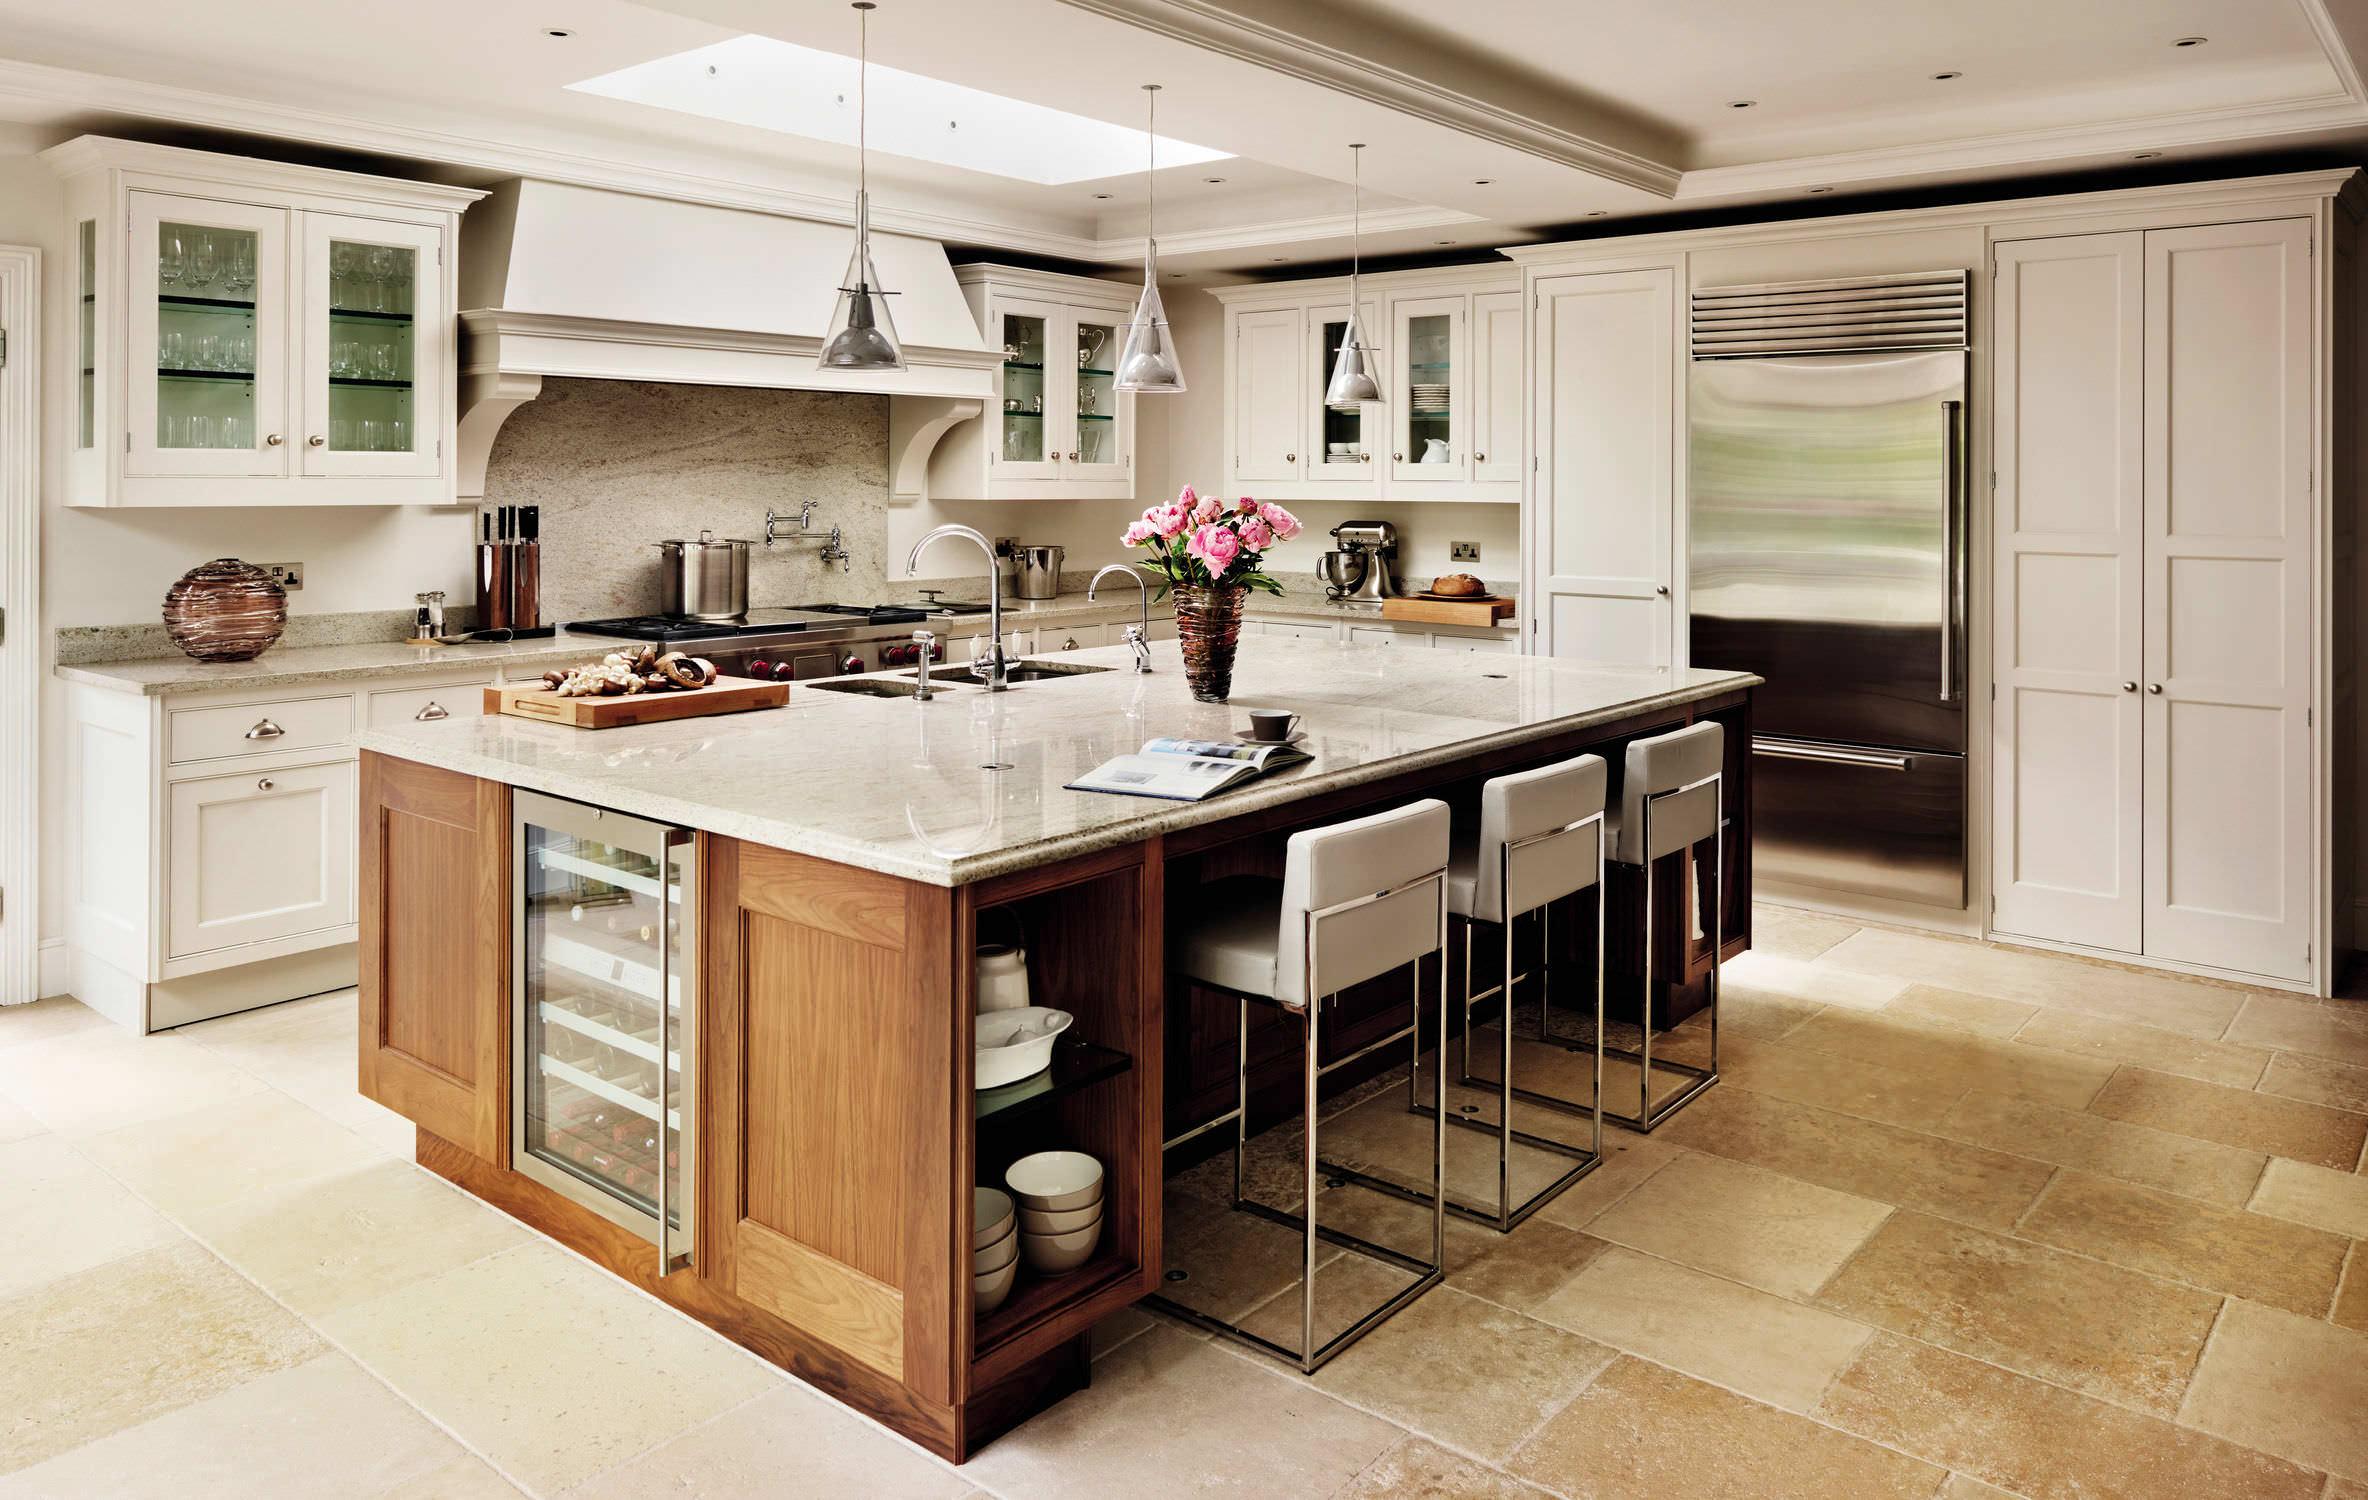 Muebles De Cocina De Madera Y Marmol # azarak.com > Ideas ...